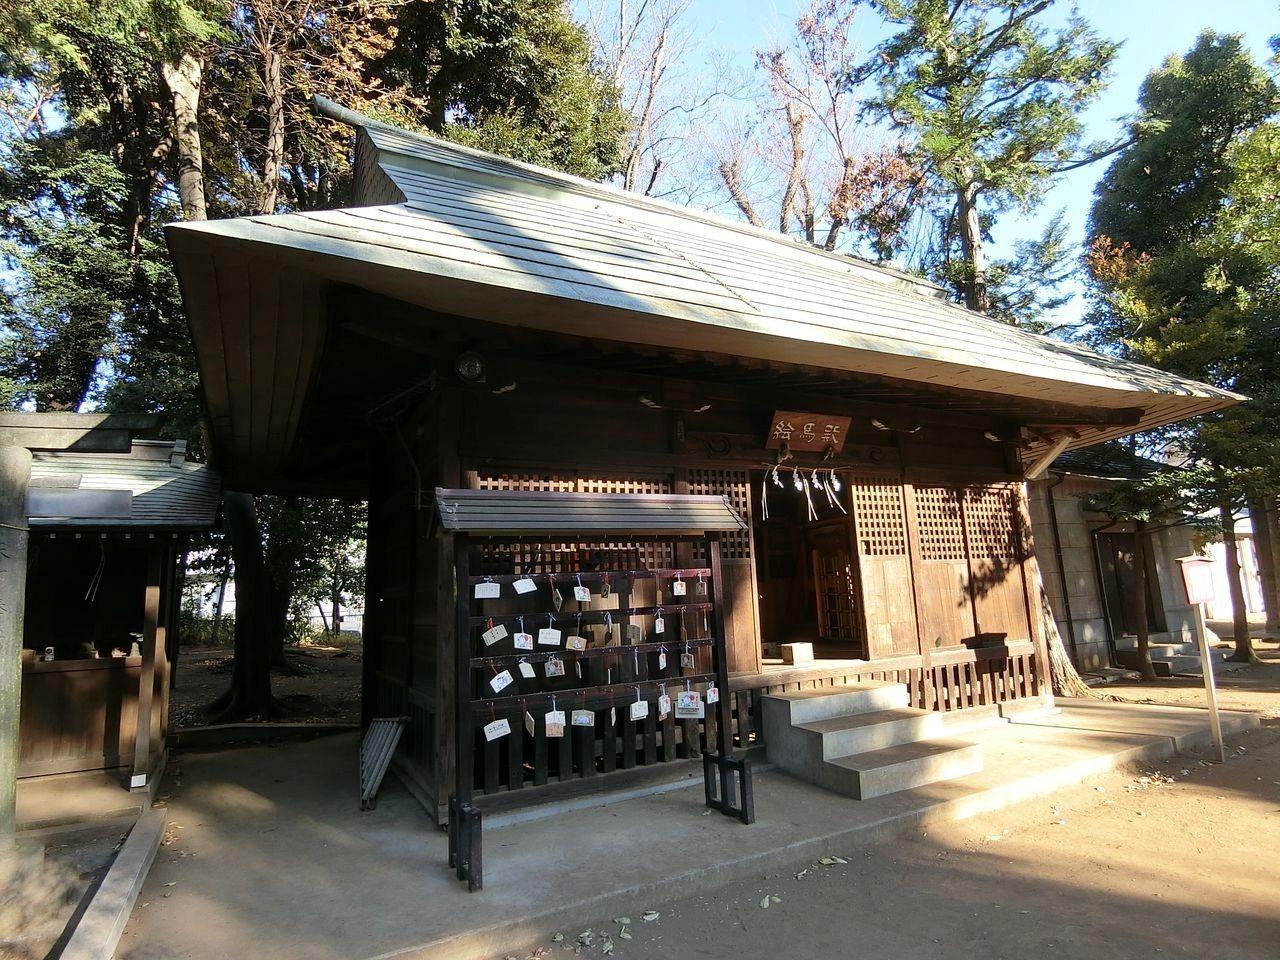 城山熊野神社(志村熊野神社)の絵馬殿